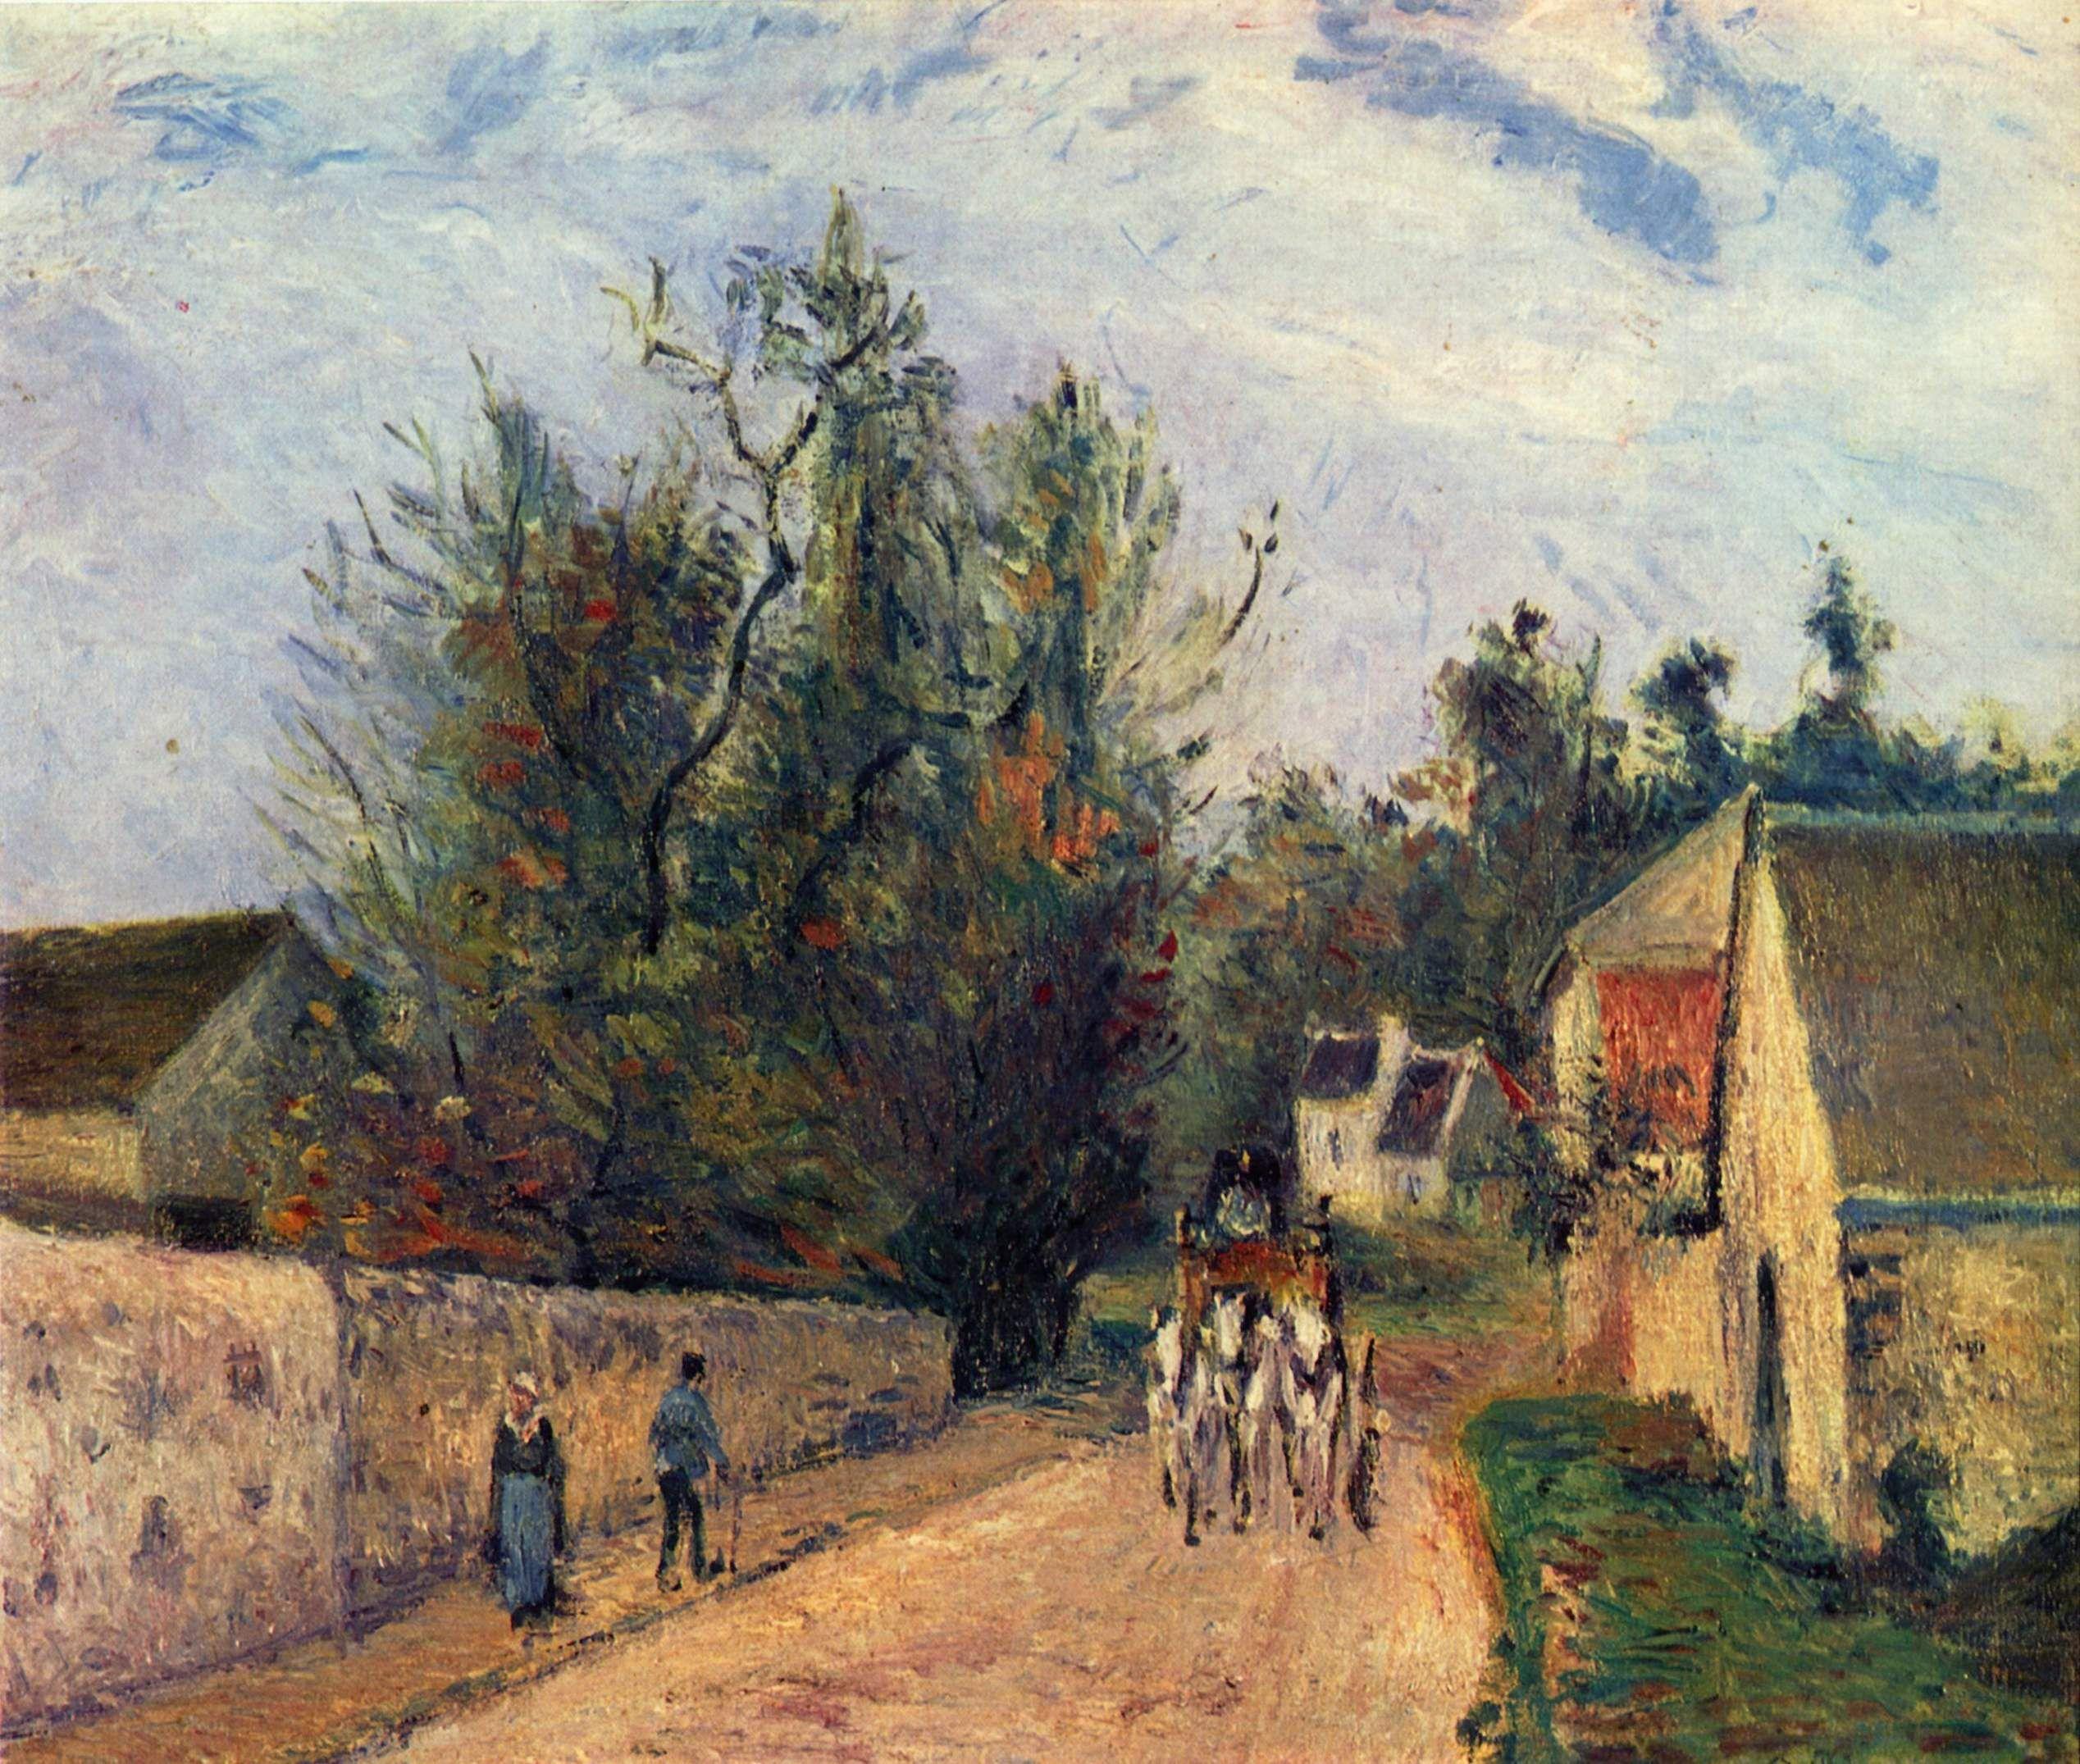 Resultado de imagen para Camille Pissarro